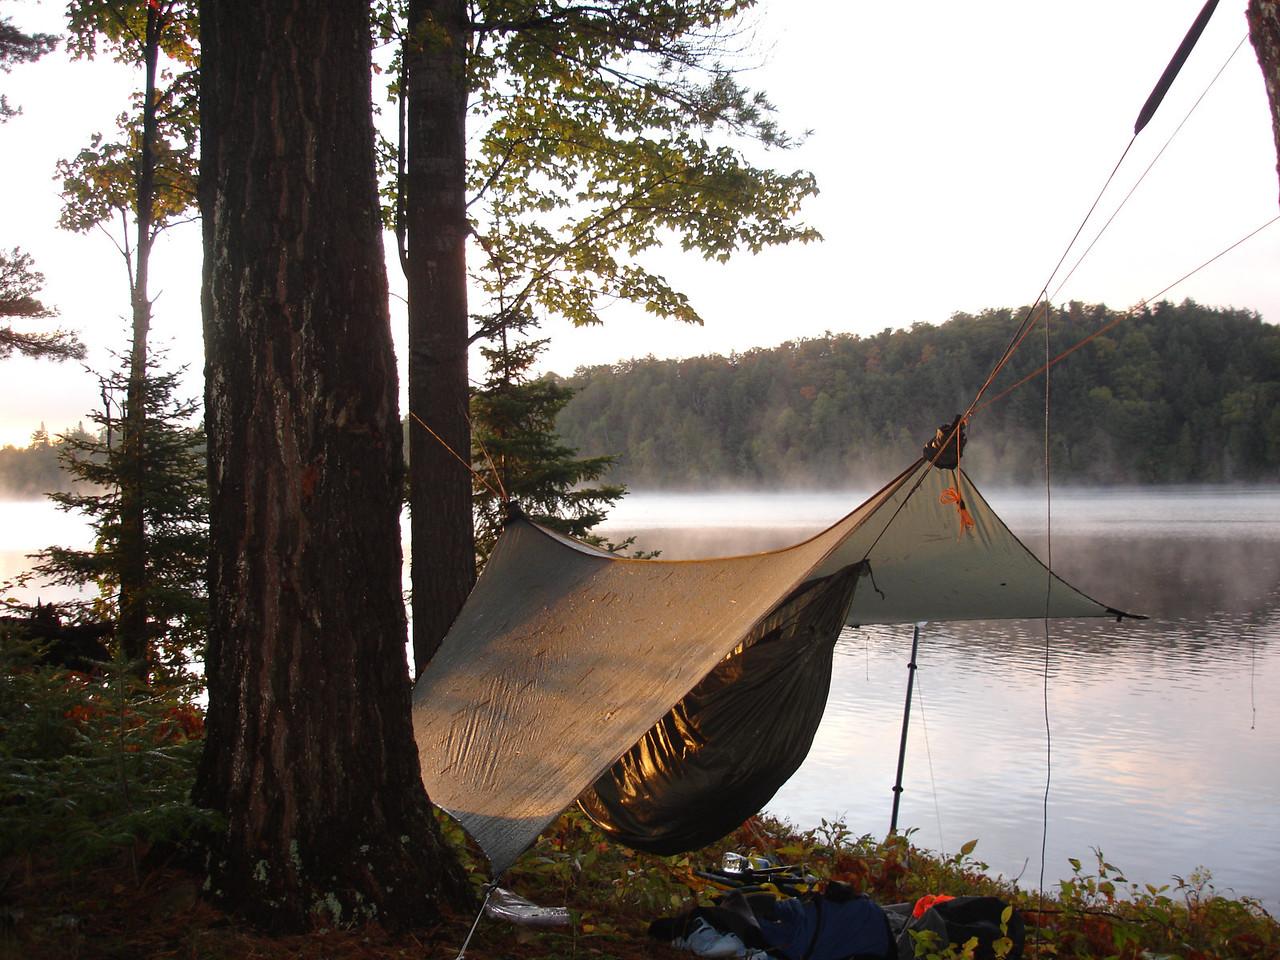 Hammock camping at its best